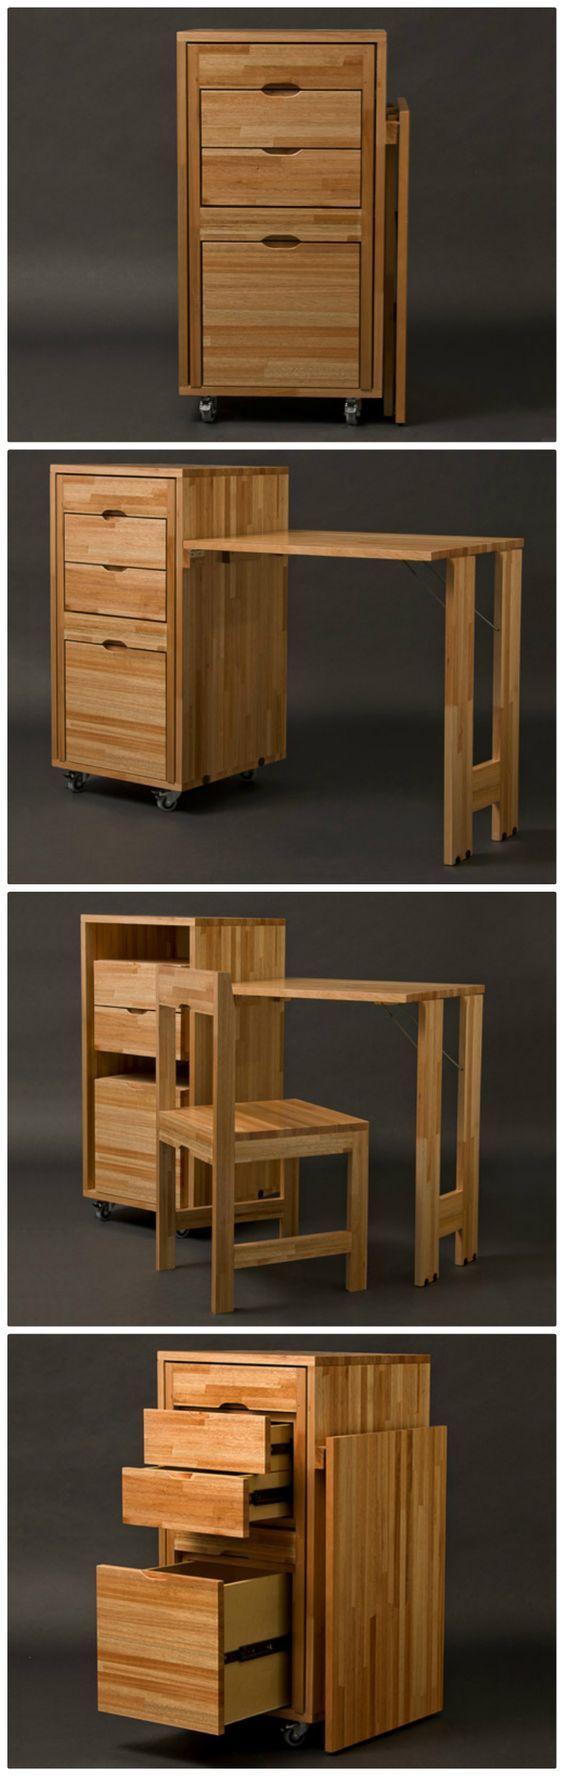 die besten 25 ausklappbarer schreibtisch ideen auf. Black Bedroom Furniture Sets. Home Design Ideas